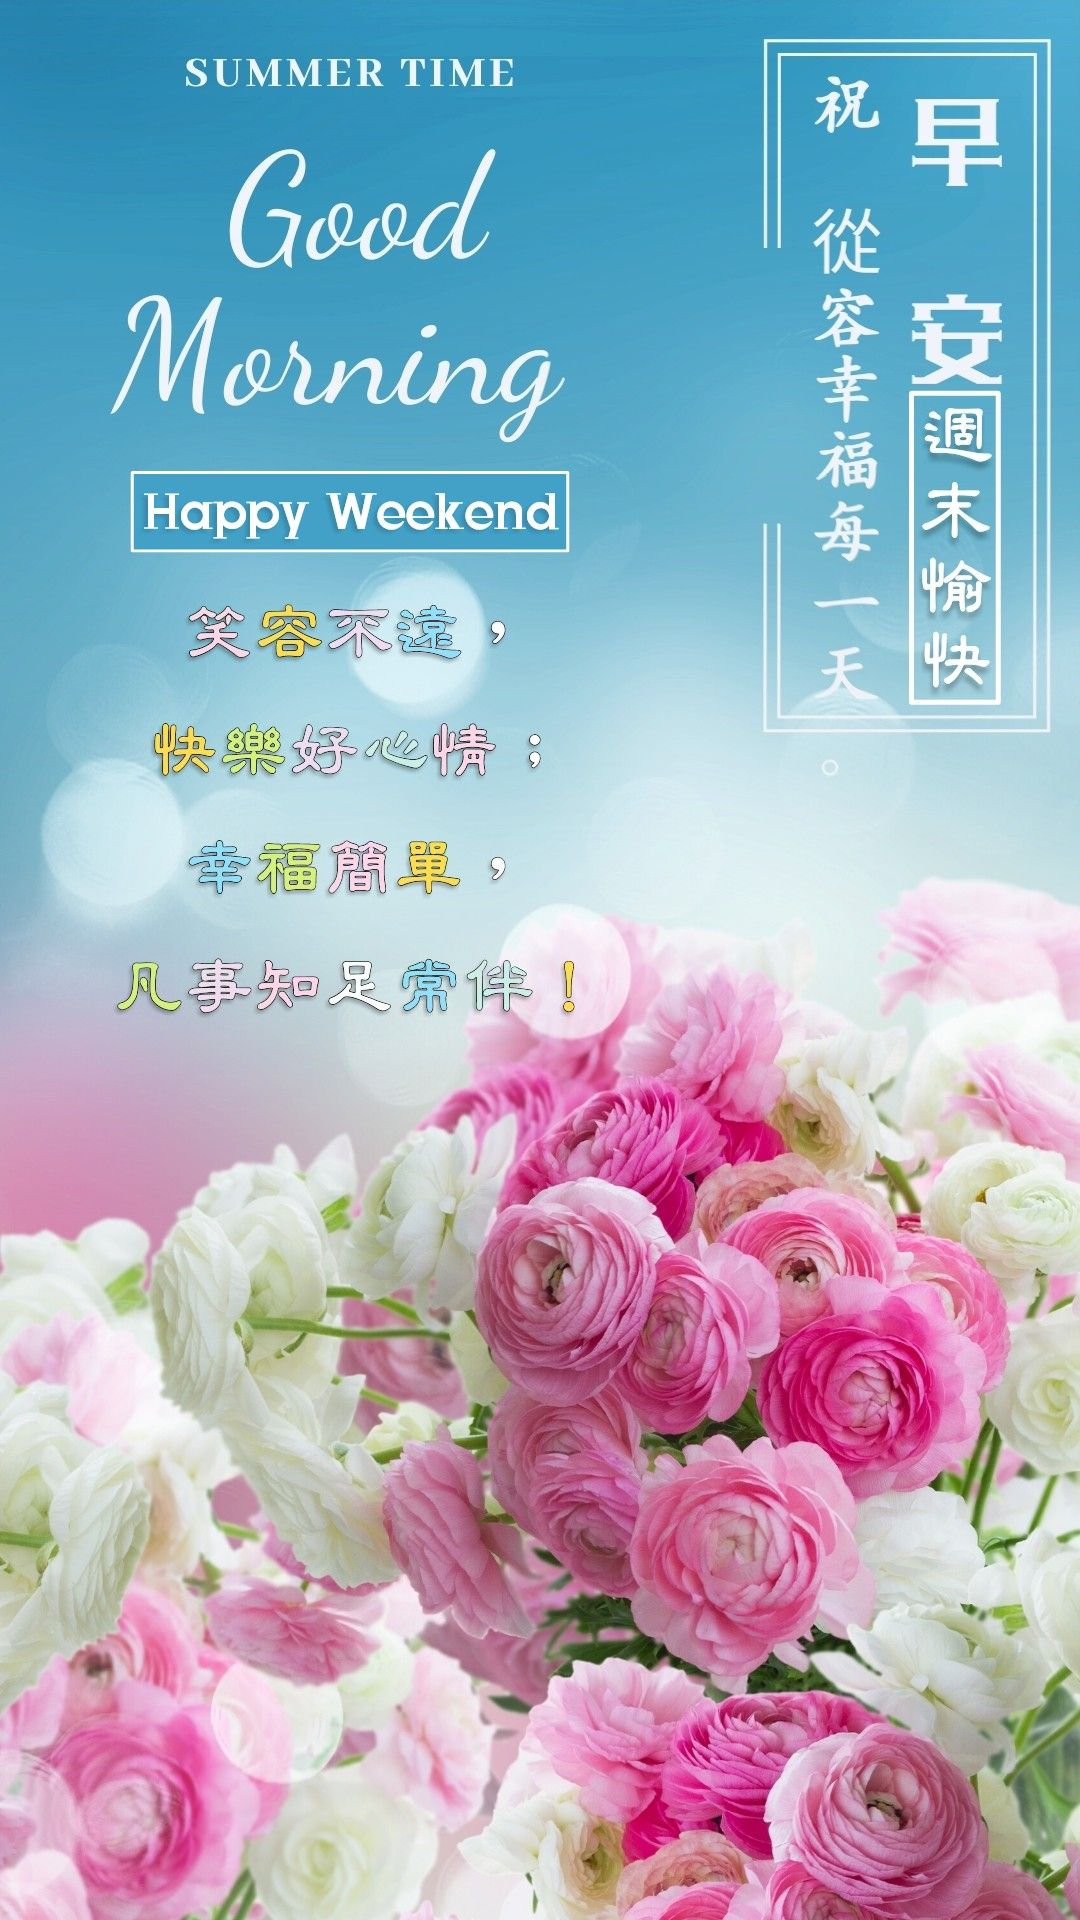 Happy Weekend By Grace Jian Good Morning Happy Weekend Good Morning Happy Happy Weekend